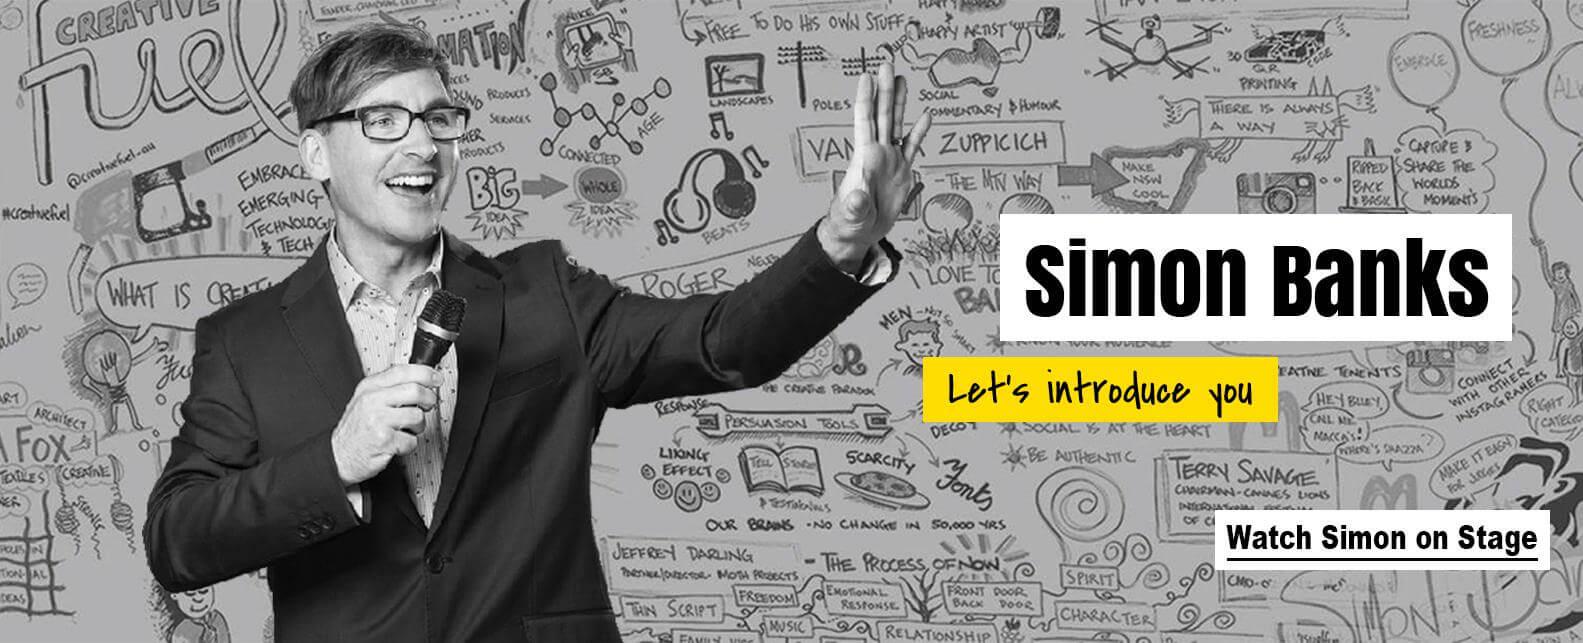 simon-banks-website-banner-home-page